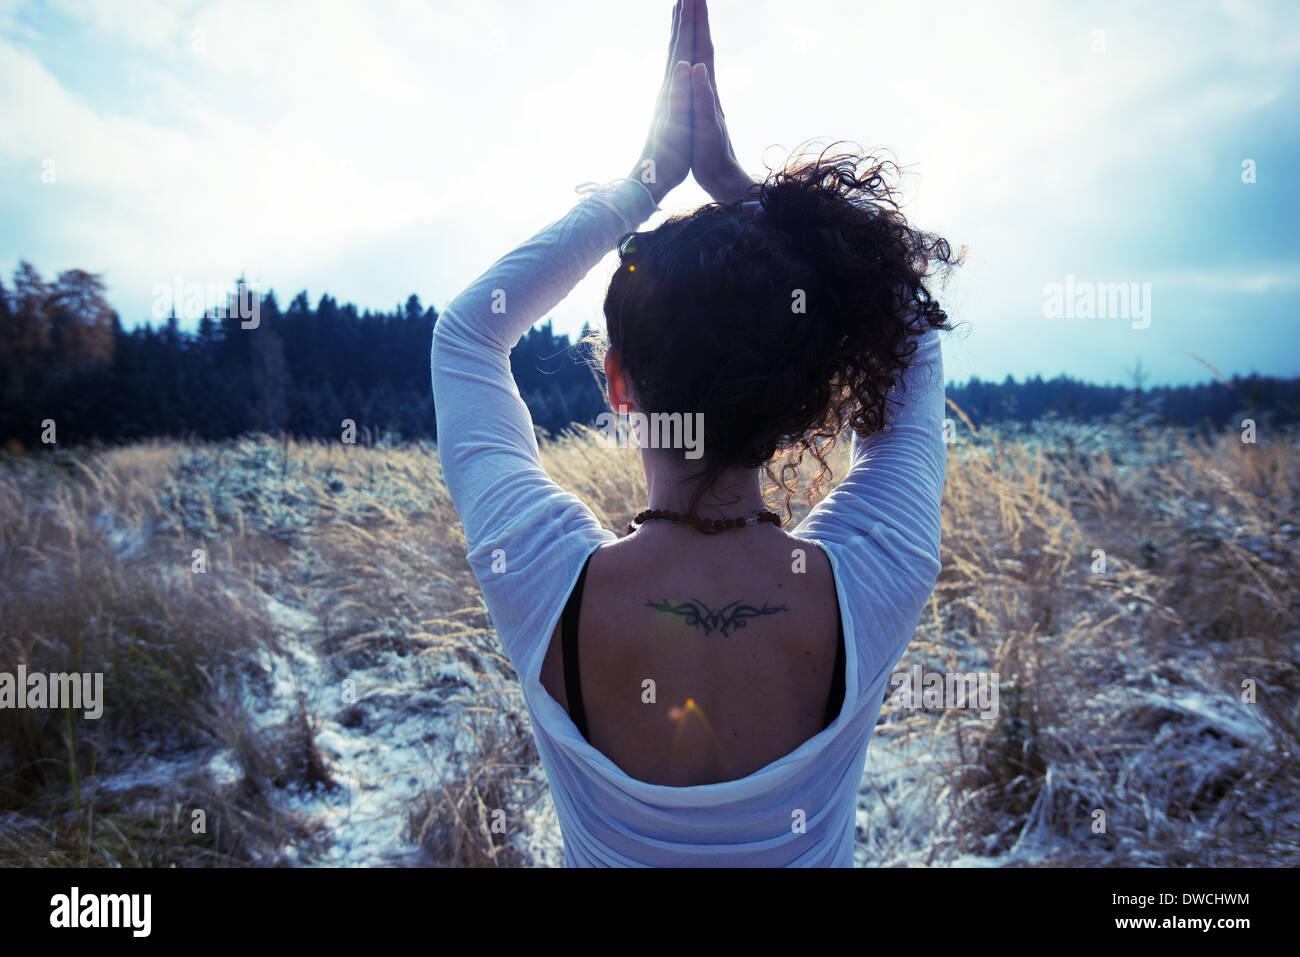 Mitad mujer adulta practicando yoga árbol permanente plantean Imagen De Stock